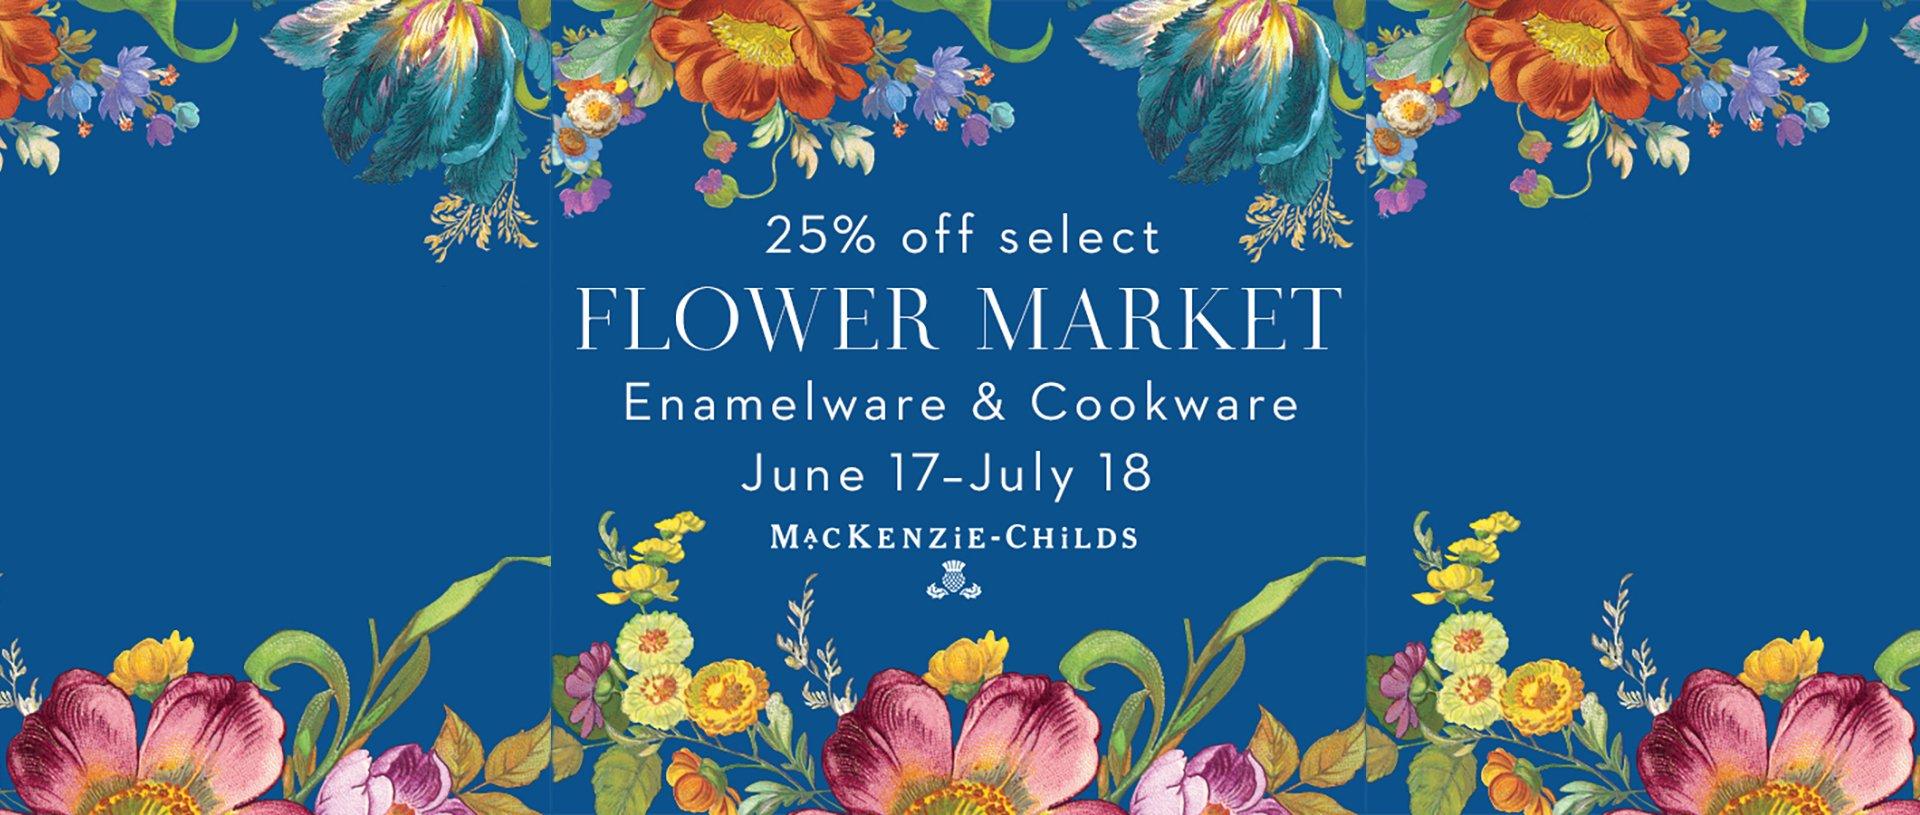 Flower Market Sale